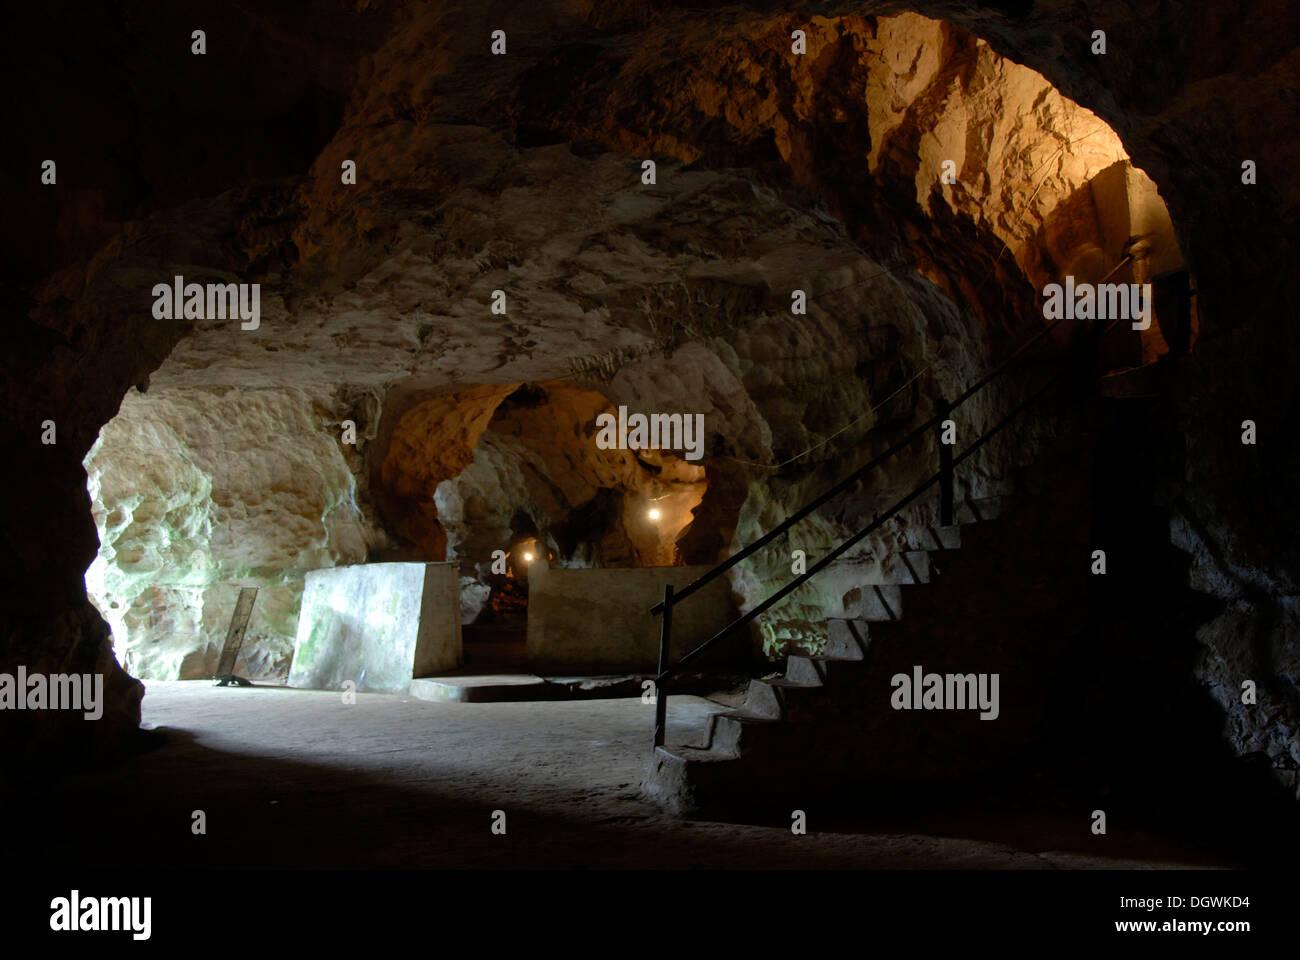 Grotta della resistenza comunista fighters Pathet Lao, Tham di Khamtai Siphandon, ex sede del Popolo Lao's Immagini Stock